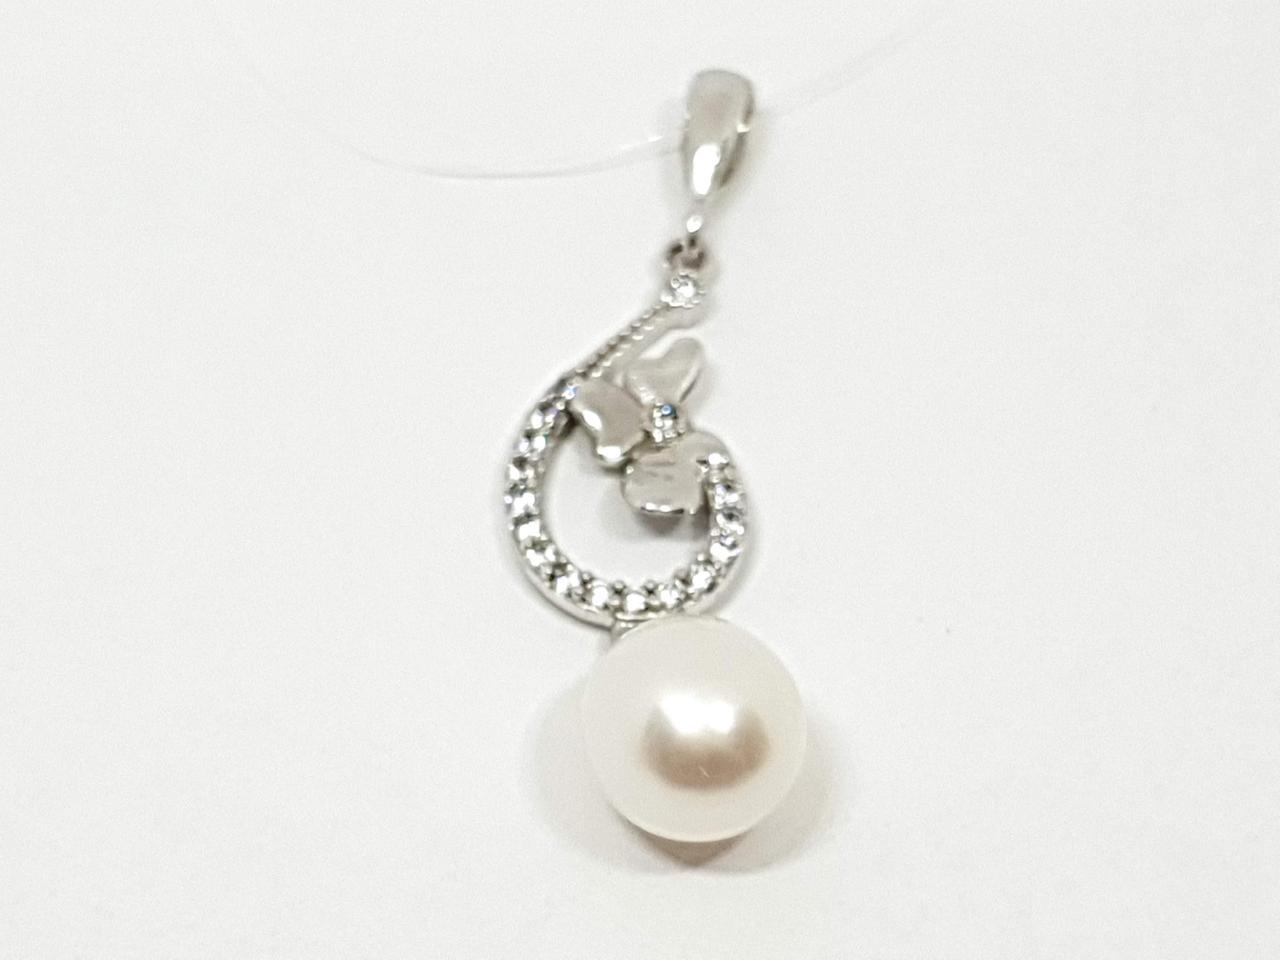 Серебряная подвеска с жемчугом и фианитами. Артикул 4224.1С